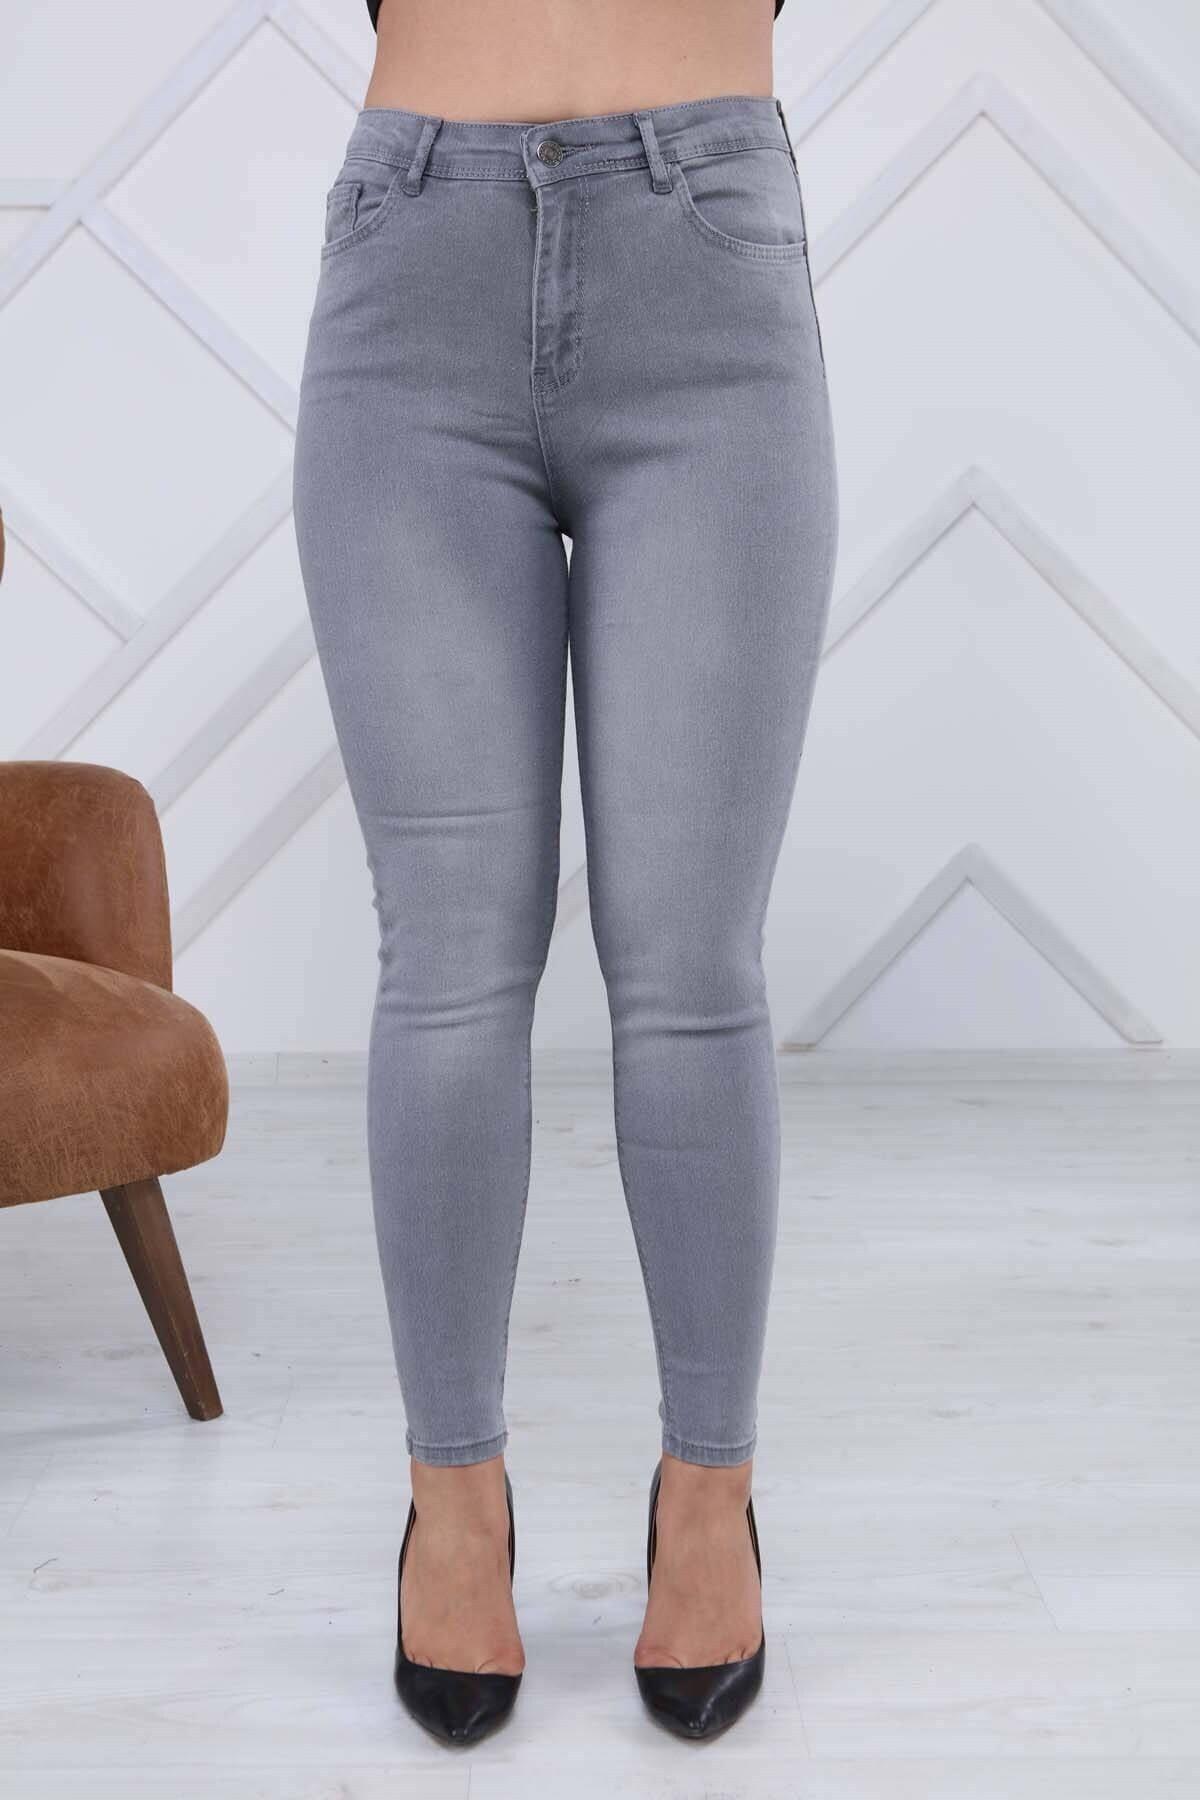 Modaca Kadın Gri Eskitme Detay Jean 2